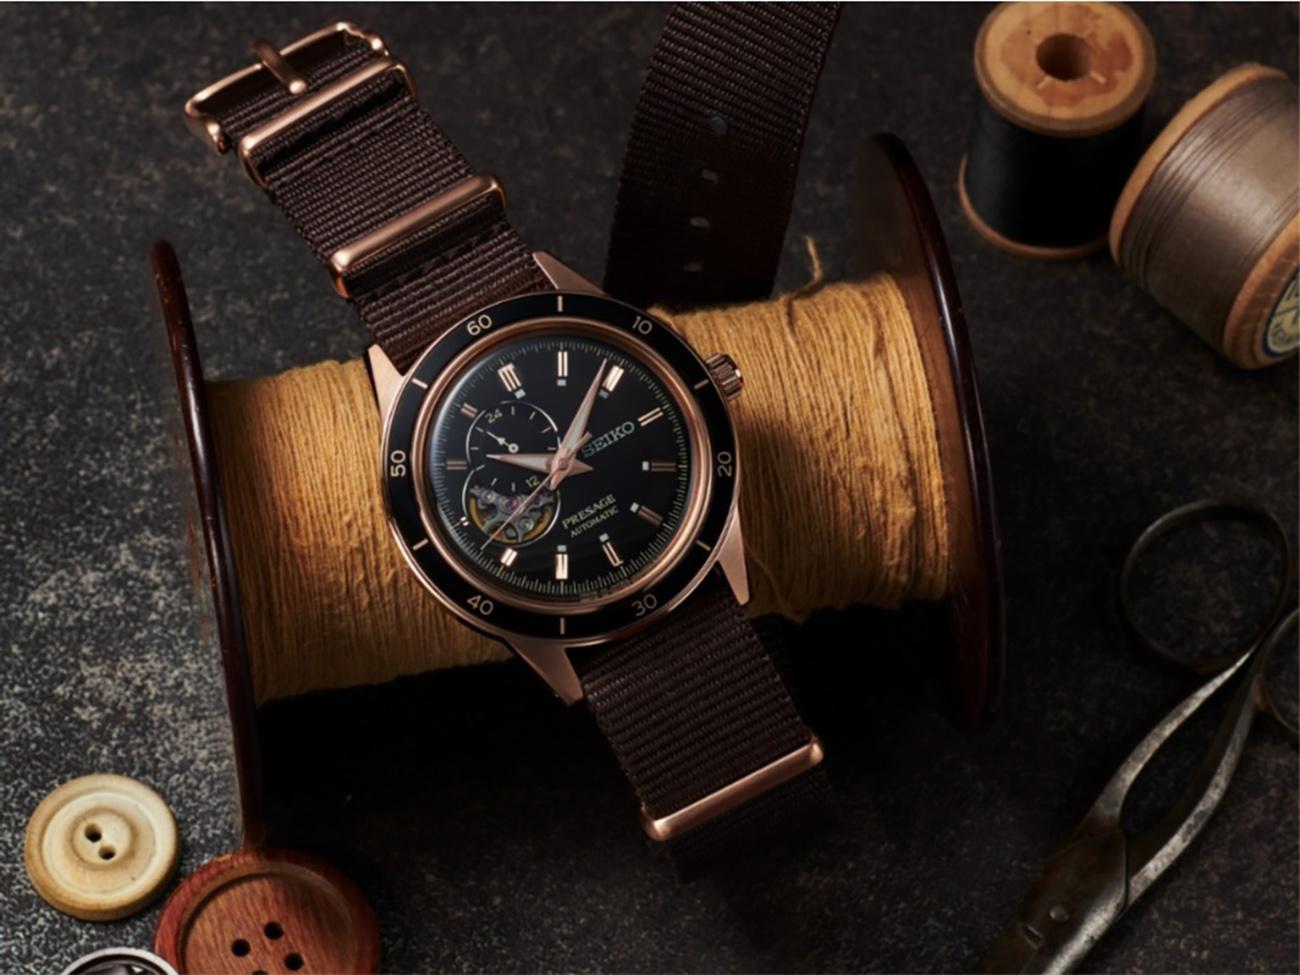 7 νέα ρολόγια από την Seiko που εκτός από όμορφα είναι και πολύ προσιτά